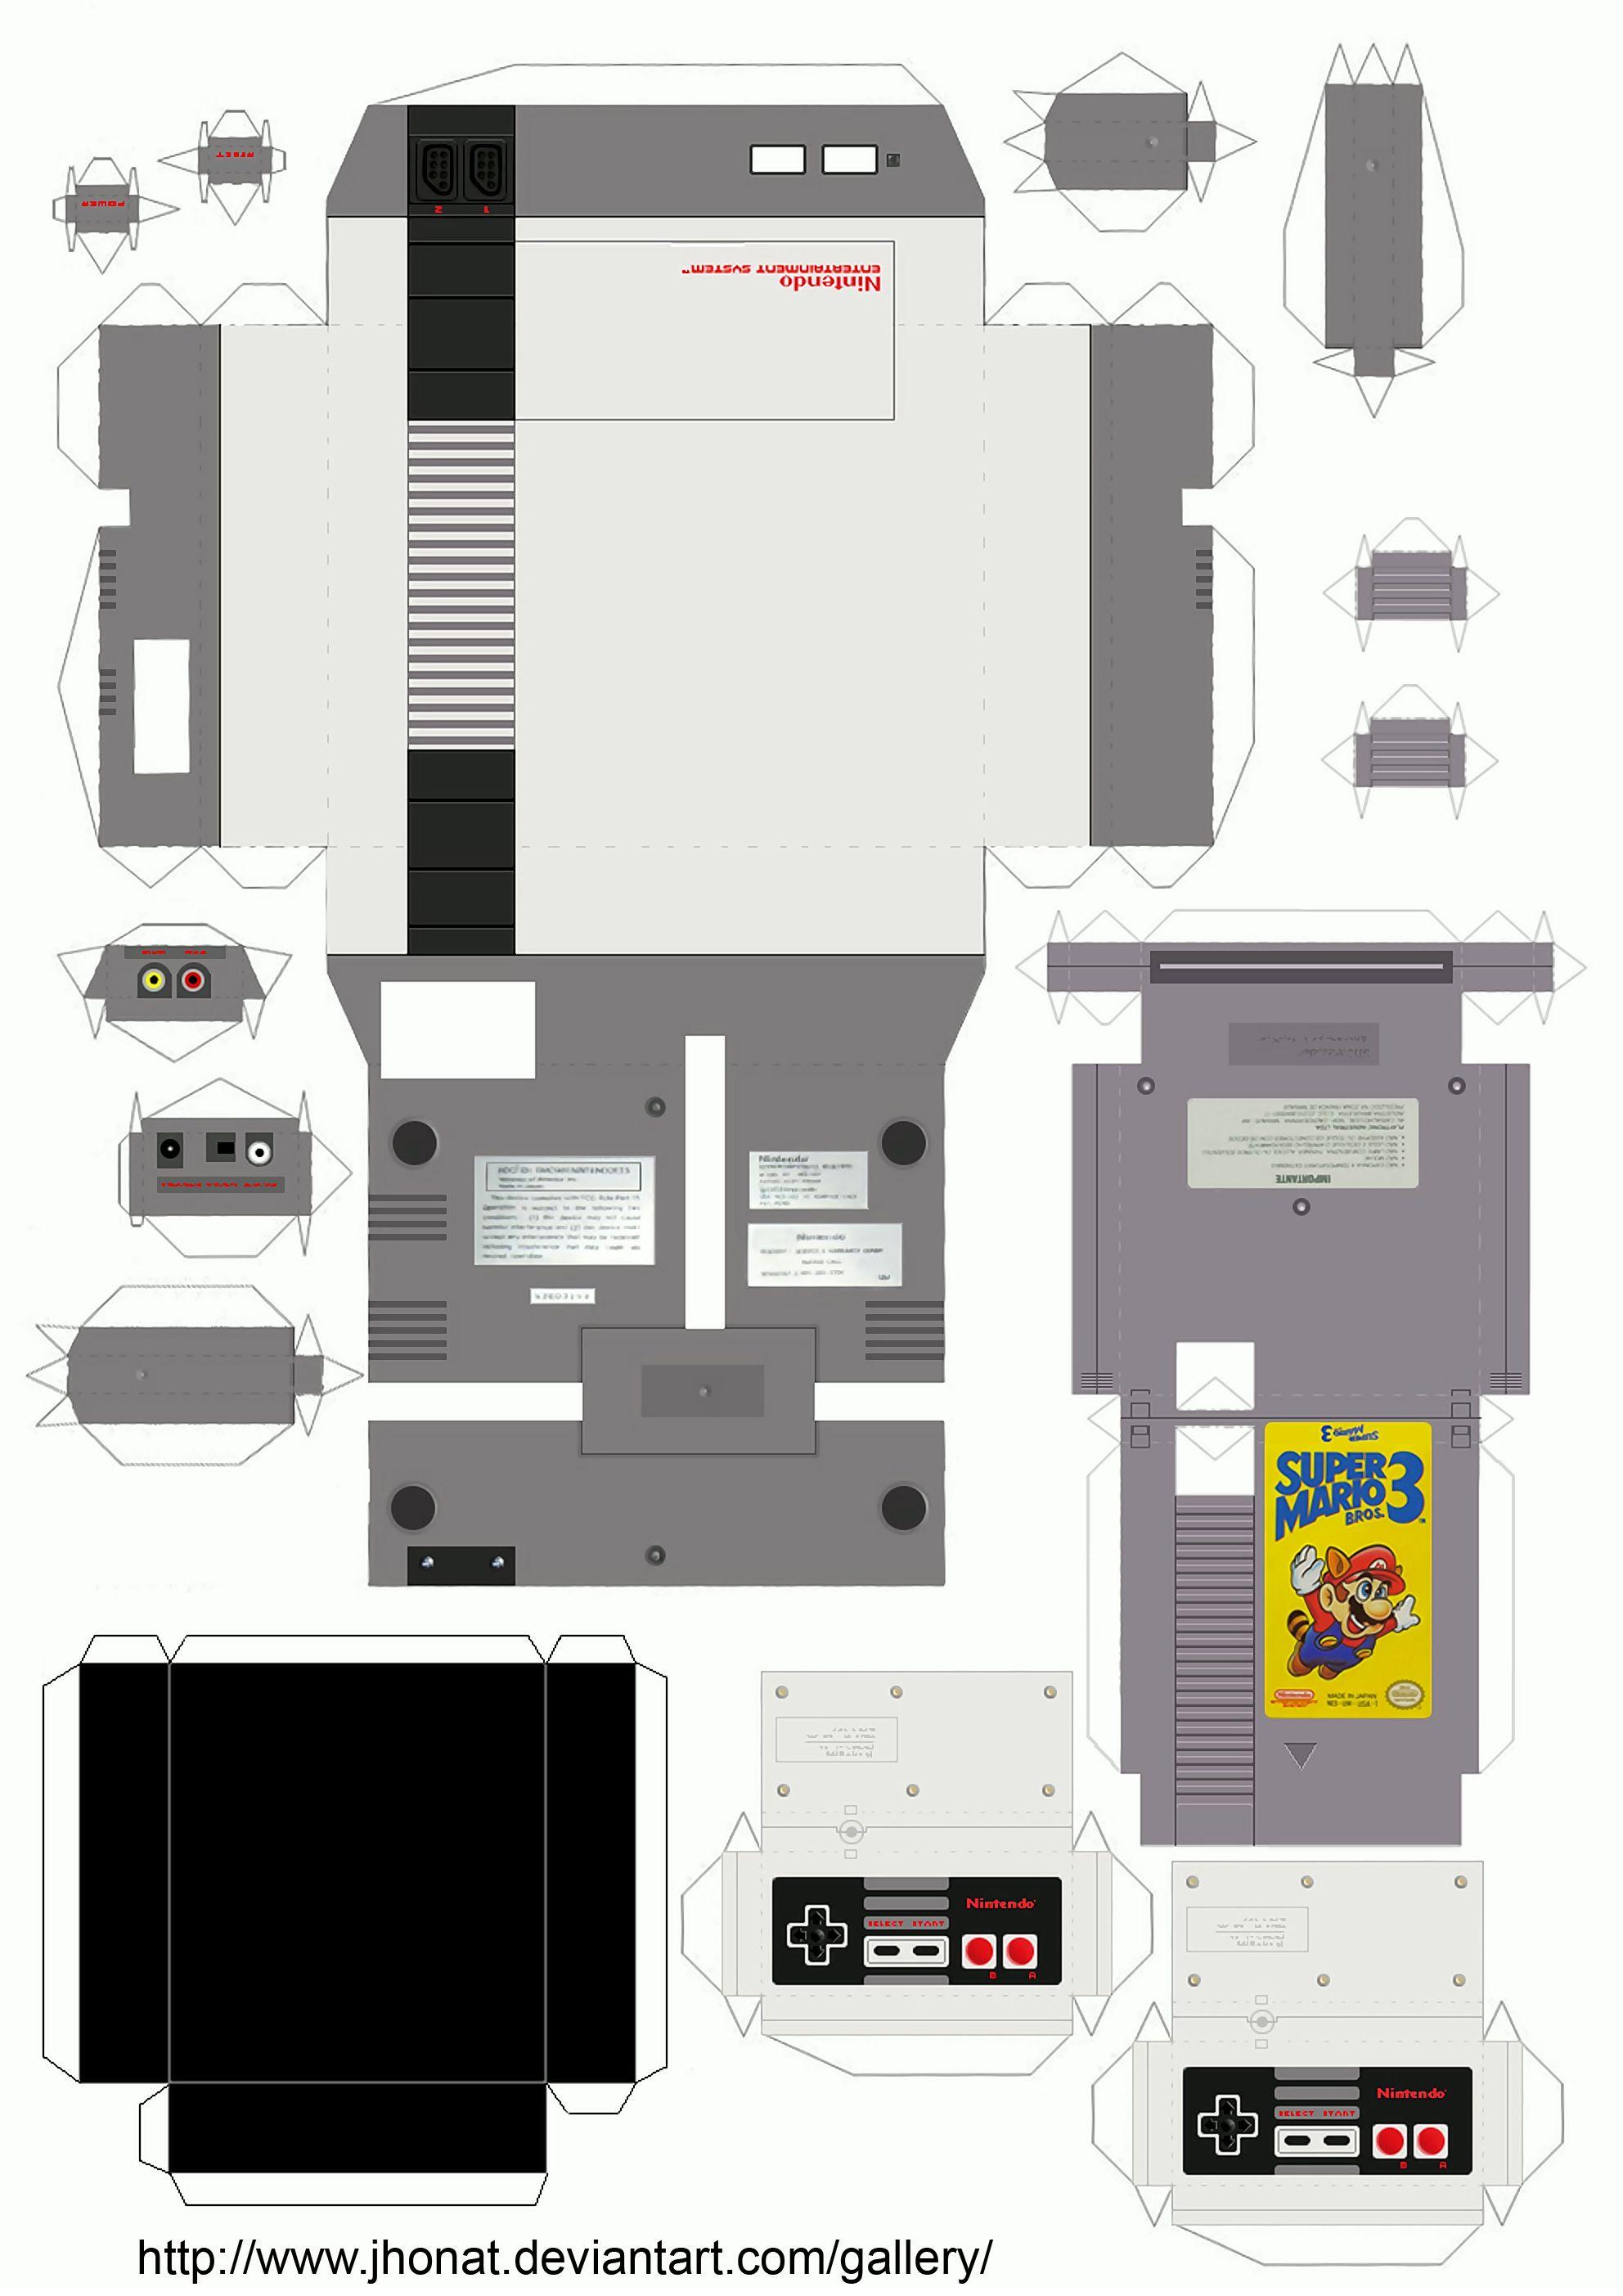 nes_papercraft_by_jhonat-d2sbr30.jpg 1,984×2,806 pixeles | Empaques ...